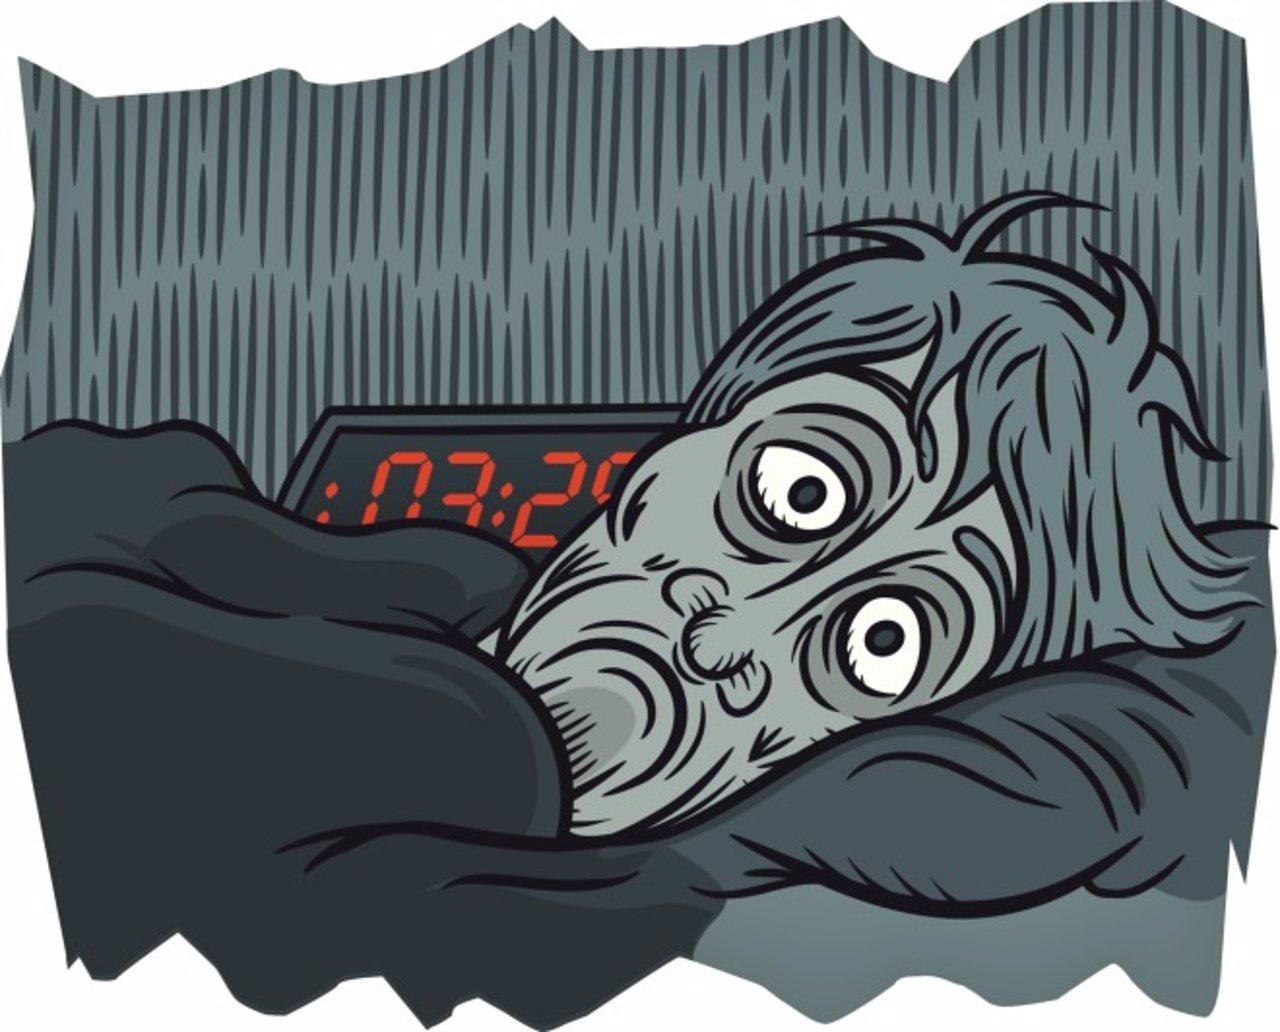 Las interrupciones del sueño, peor para el estado de ánimo que dormir poco